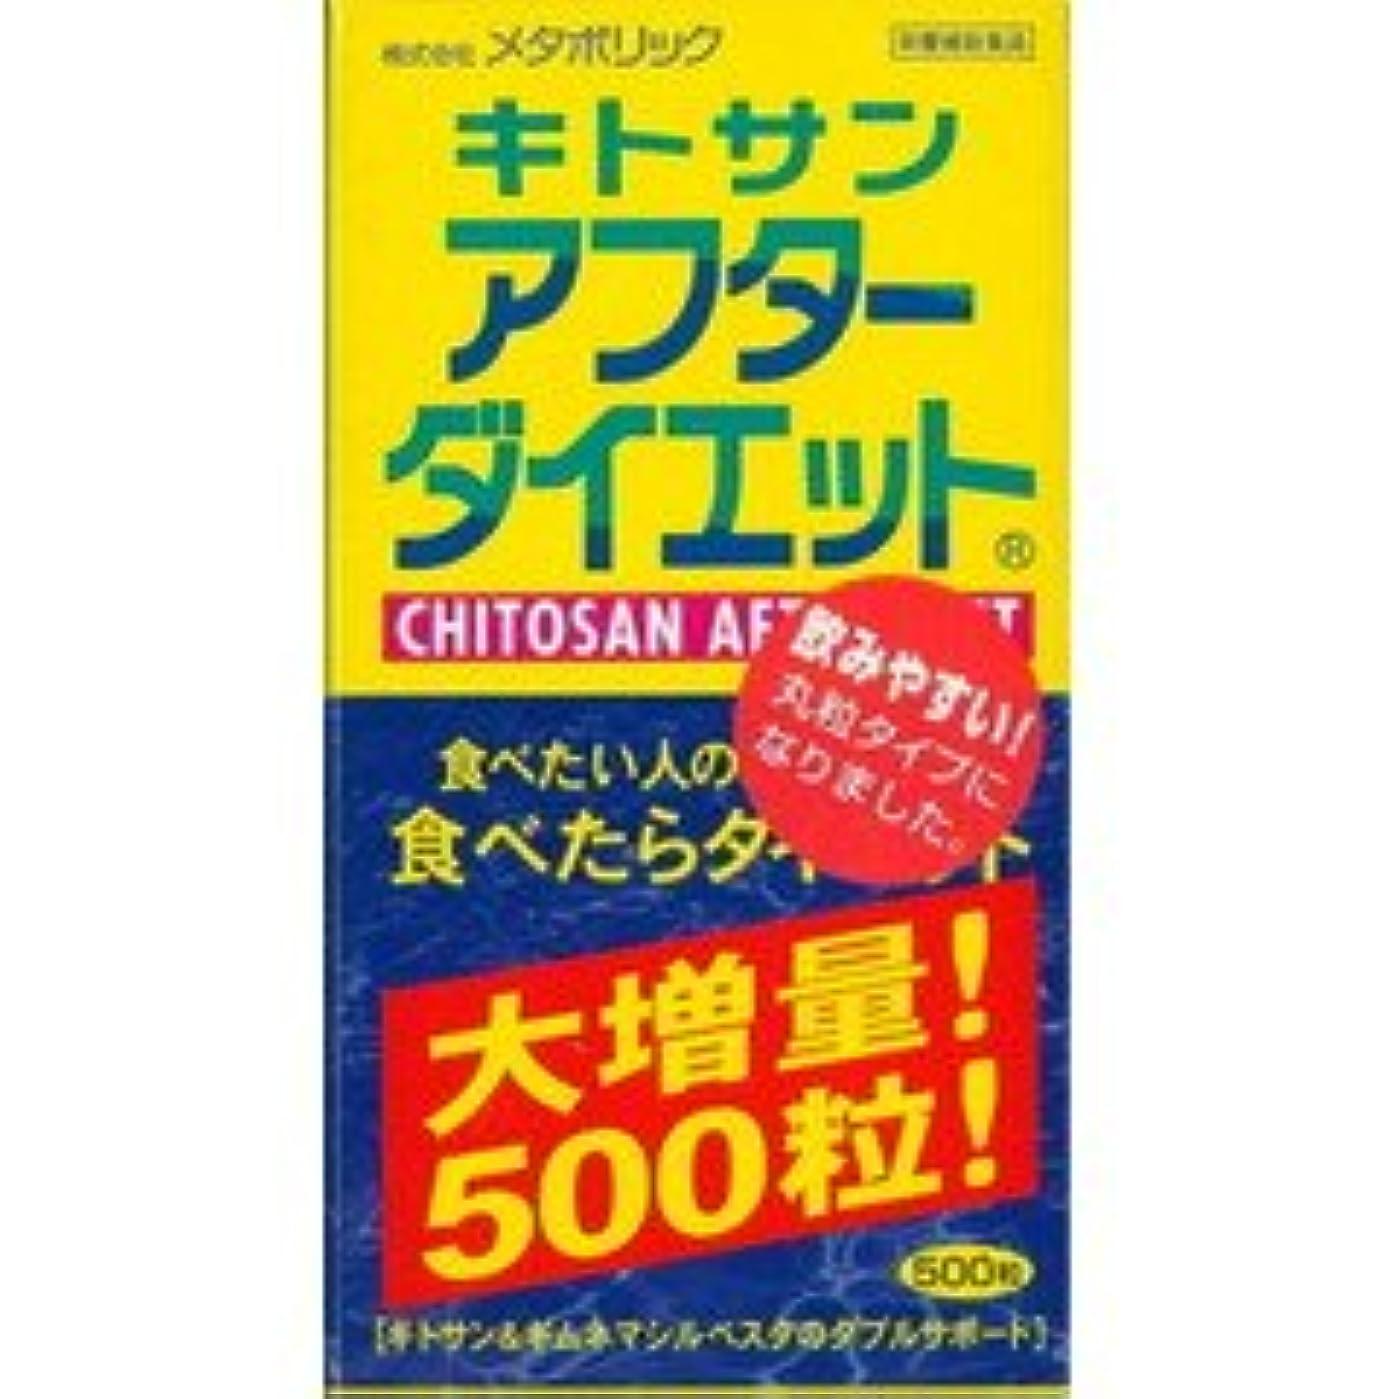 提案魅力的カレンダーメタボリック キトサン アフターダイエット 500粒入り